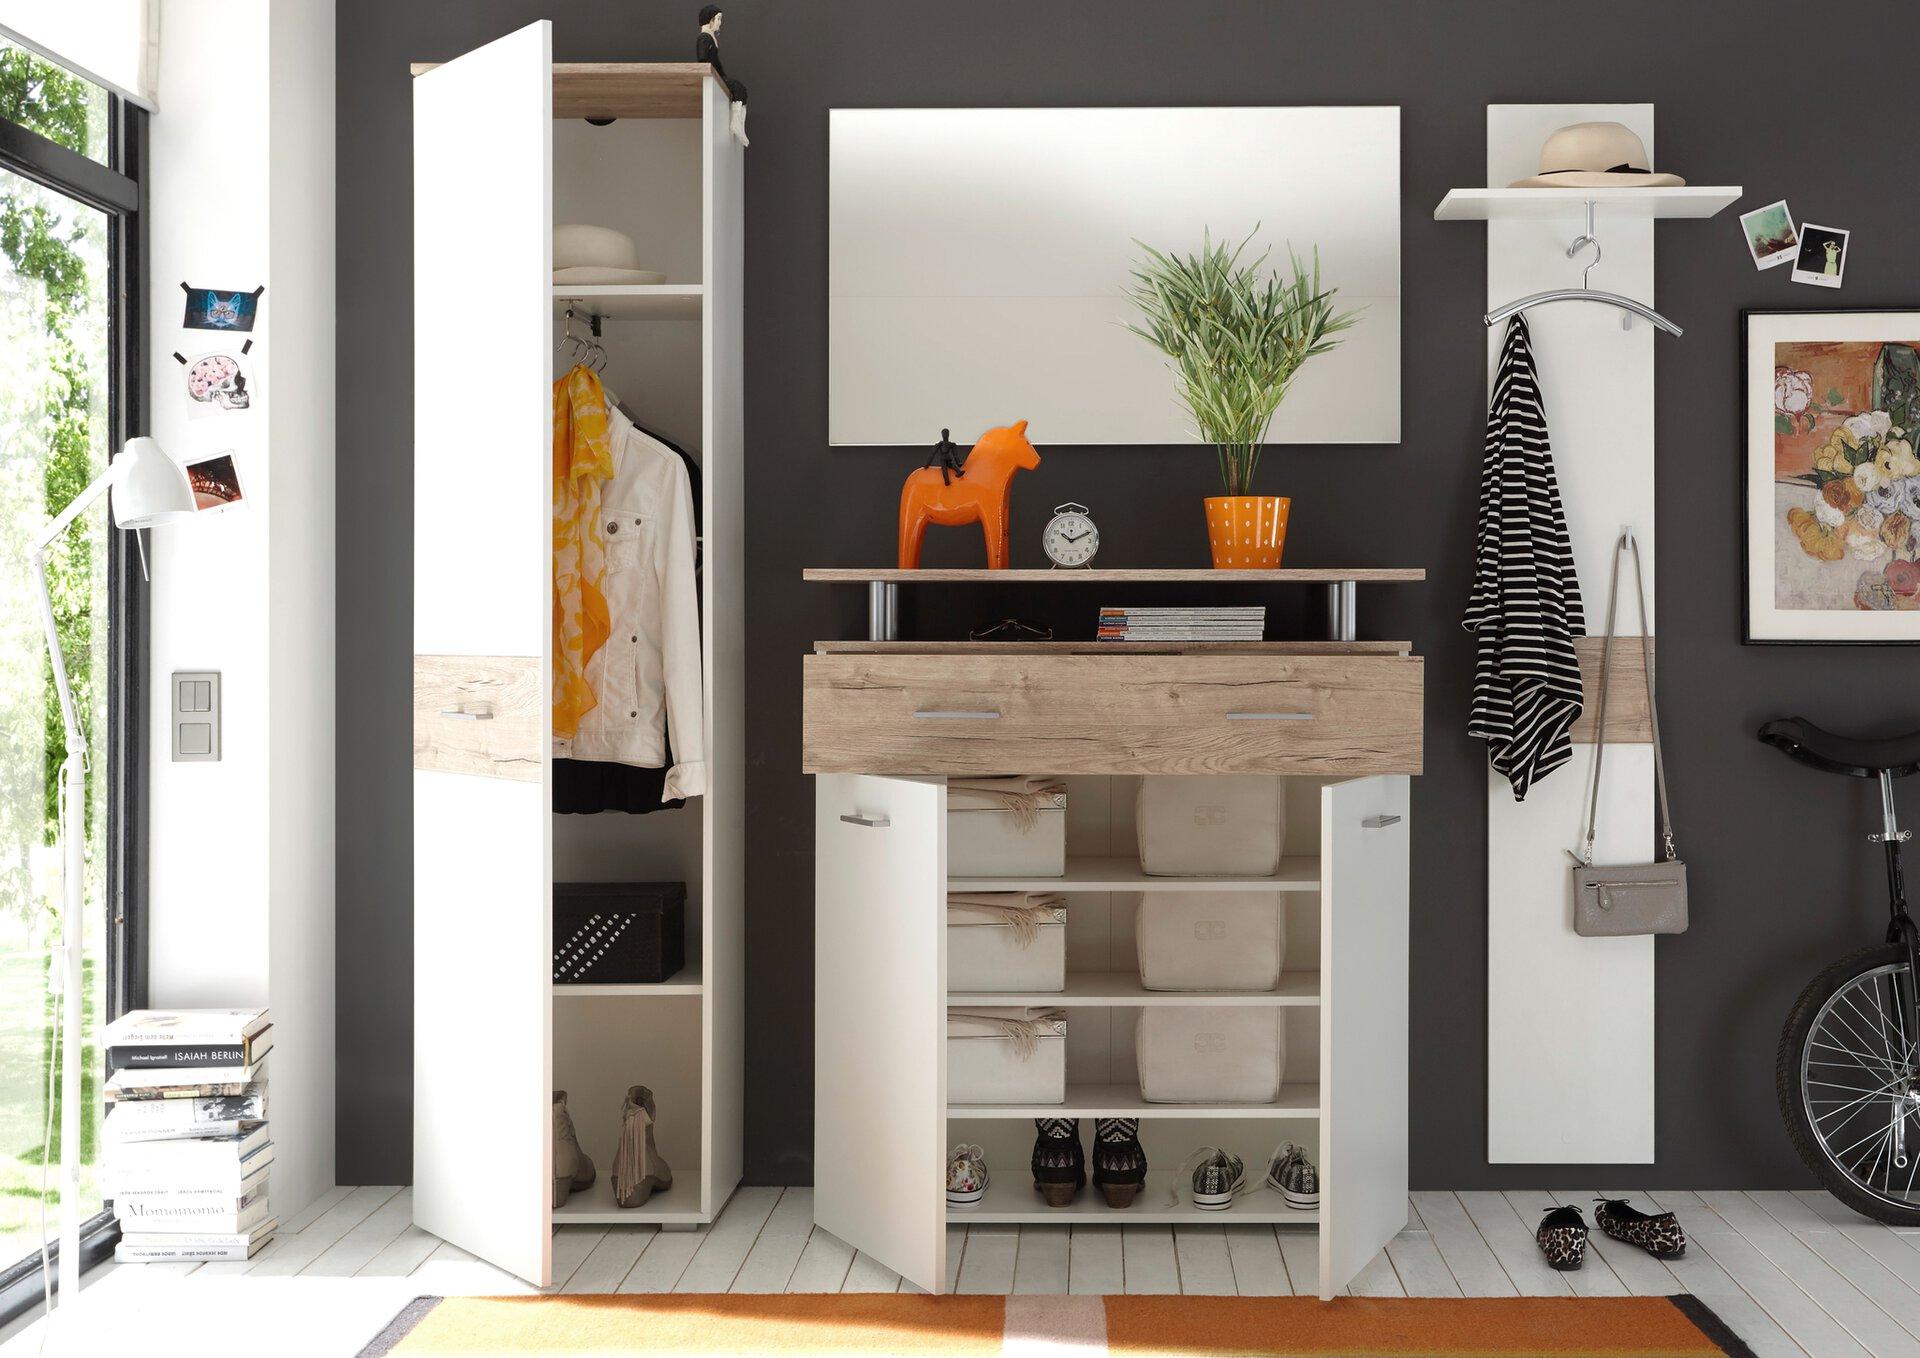 Garderoben-Set LIFT inDoor Holzwerkstoff 38 x 197 x 230 cm